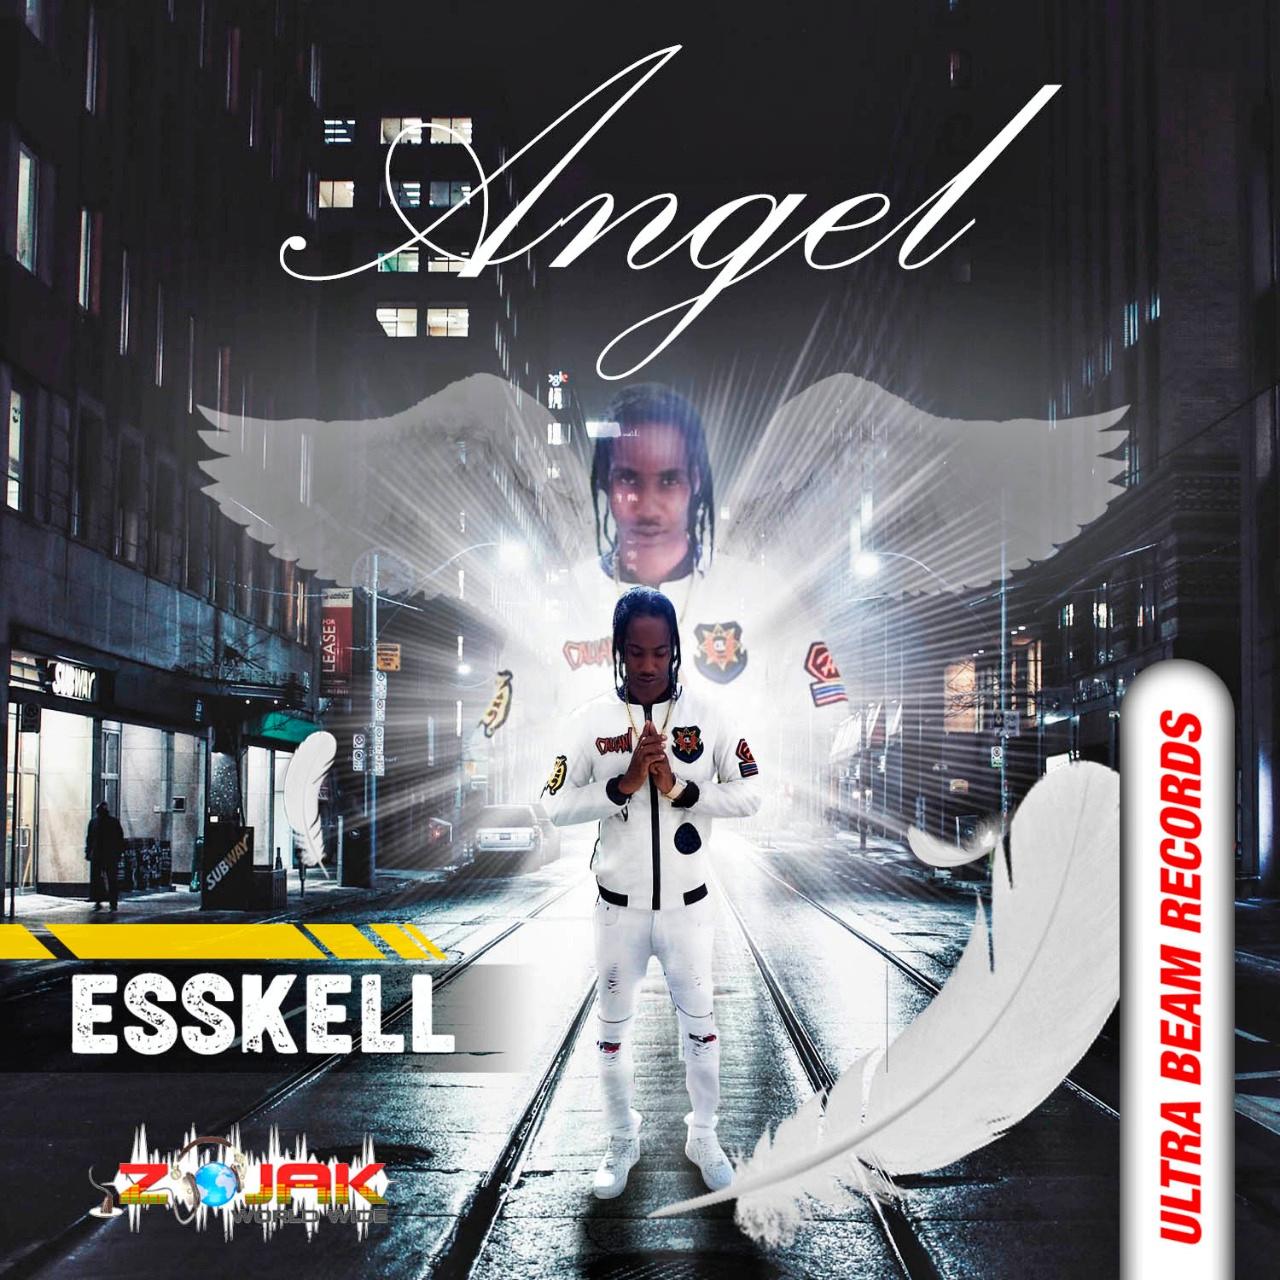 Esskell - Angel